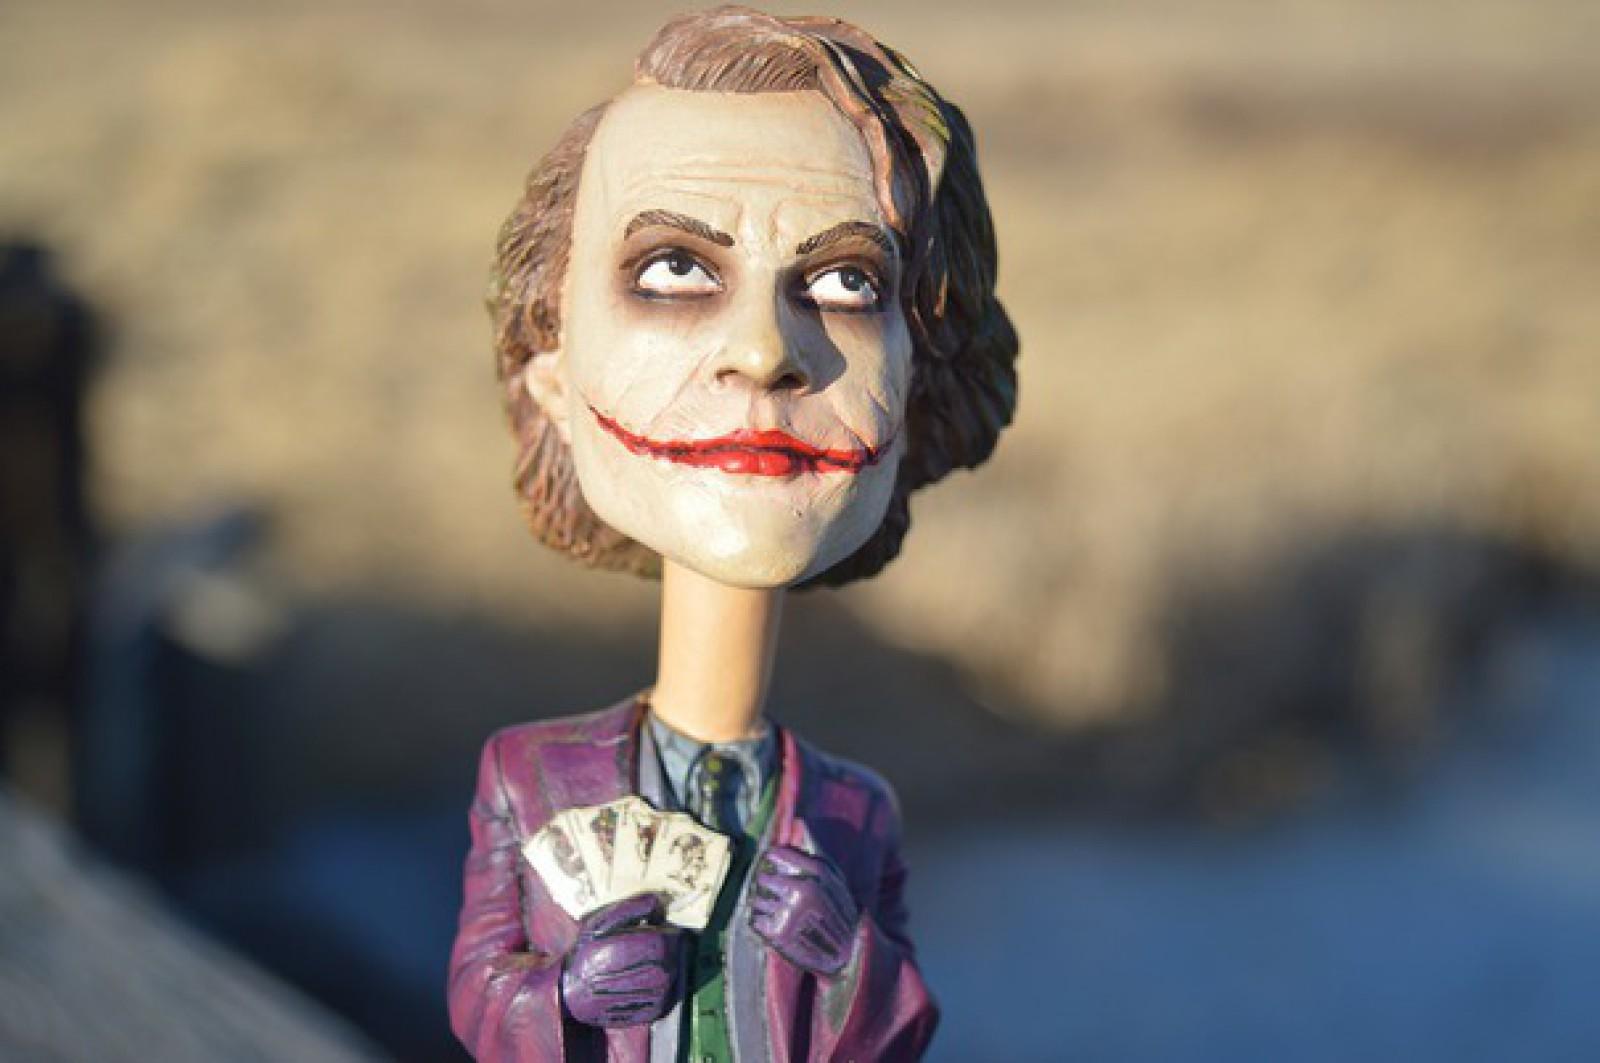 Ce actor îl va juca pe celebrul Joker, într-un film dedicat personajului